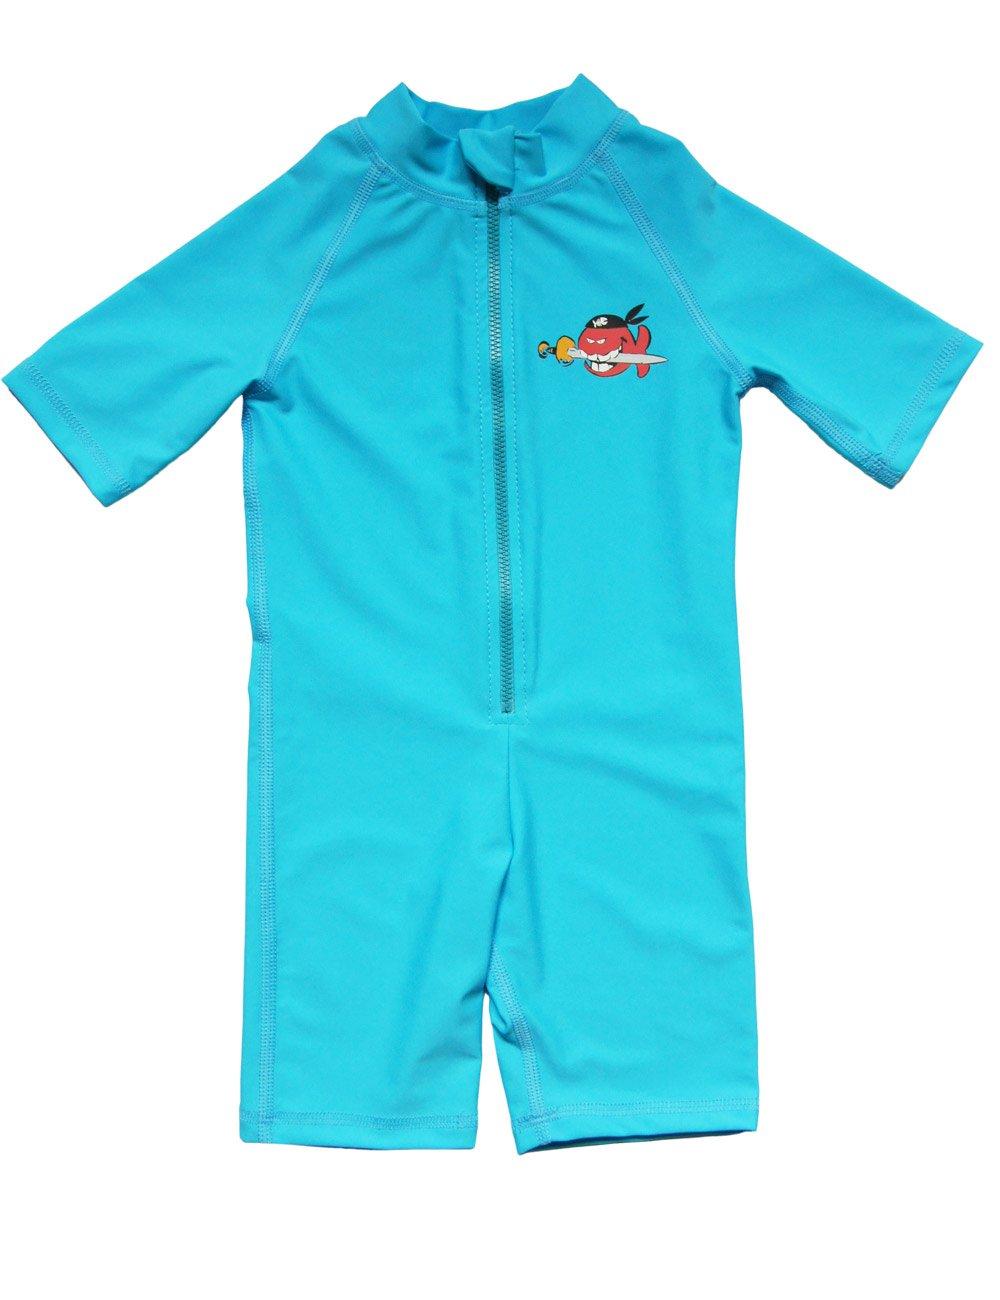 IQ-Company Children s UV 300 Shorts Kids Clothes 8173616